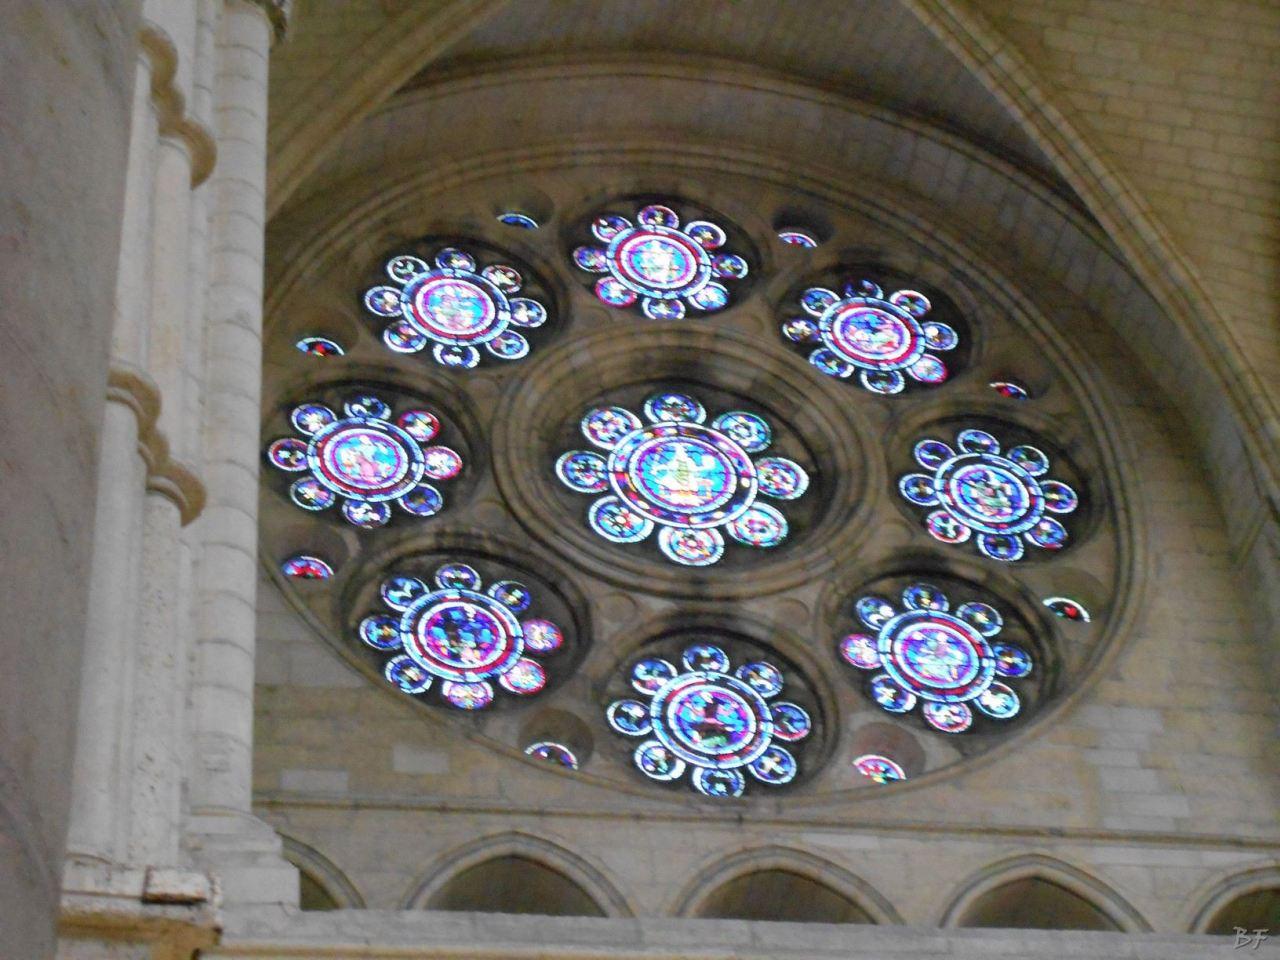 Cattedrale-Gotica-della-Vergine-di-Laon-Aisne-Hauts-de-France-22